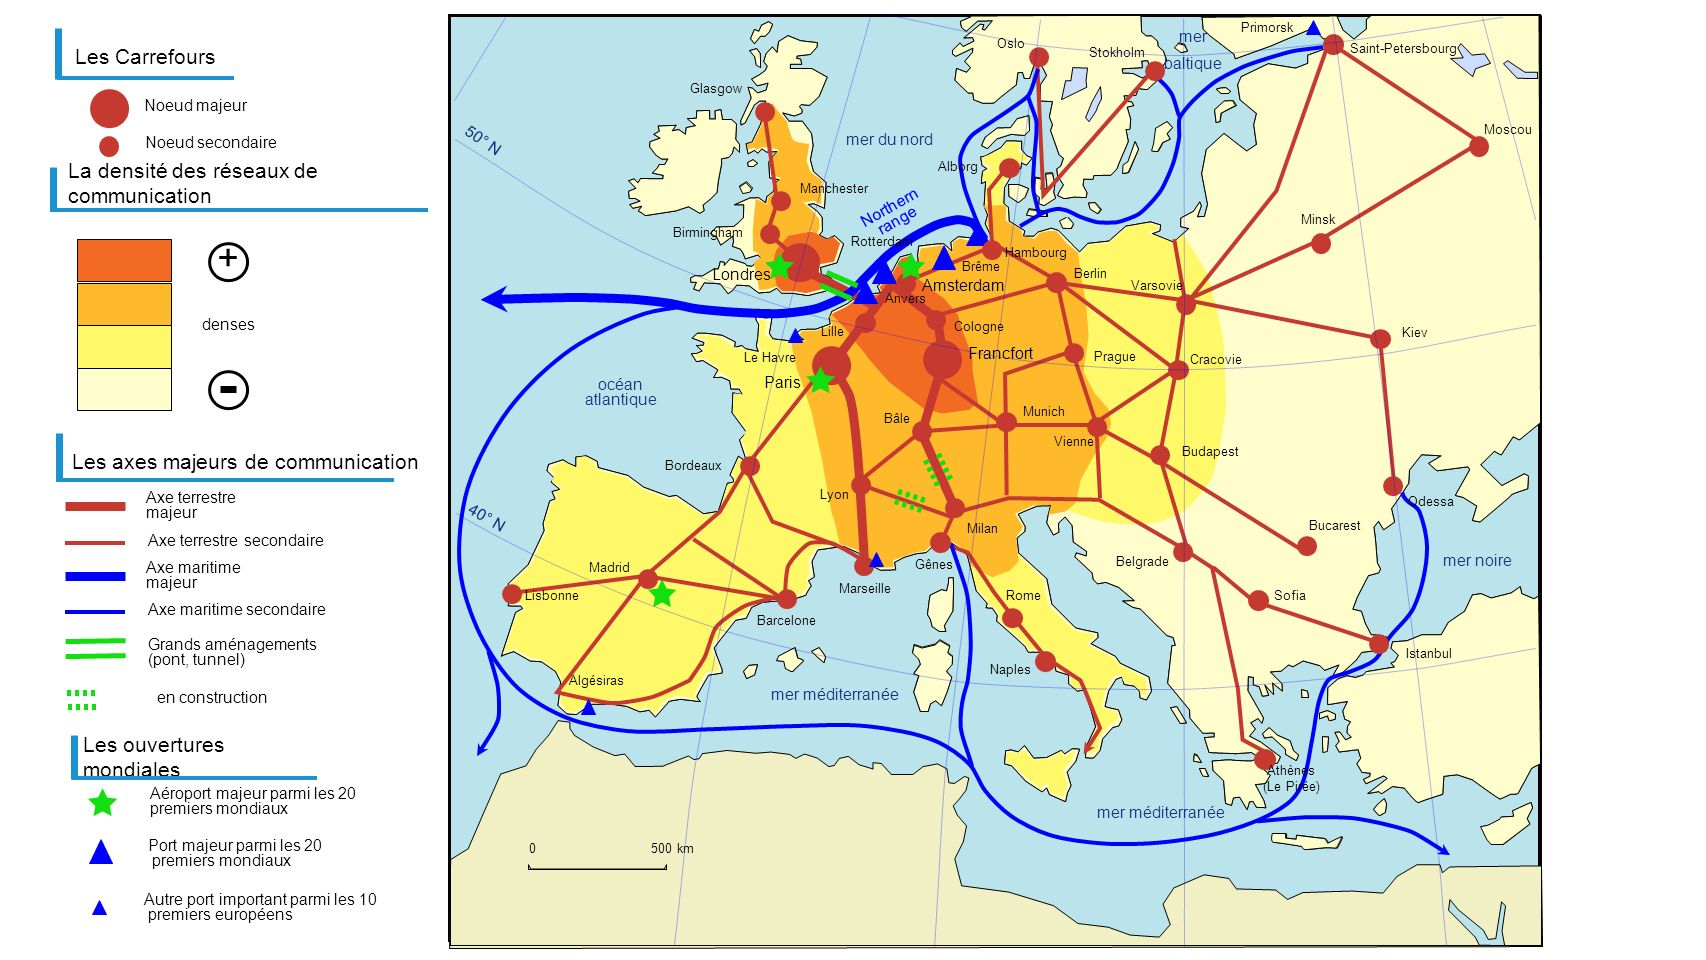 + Les Carrefours La densité des réseaux de communication